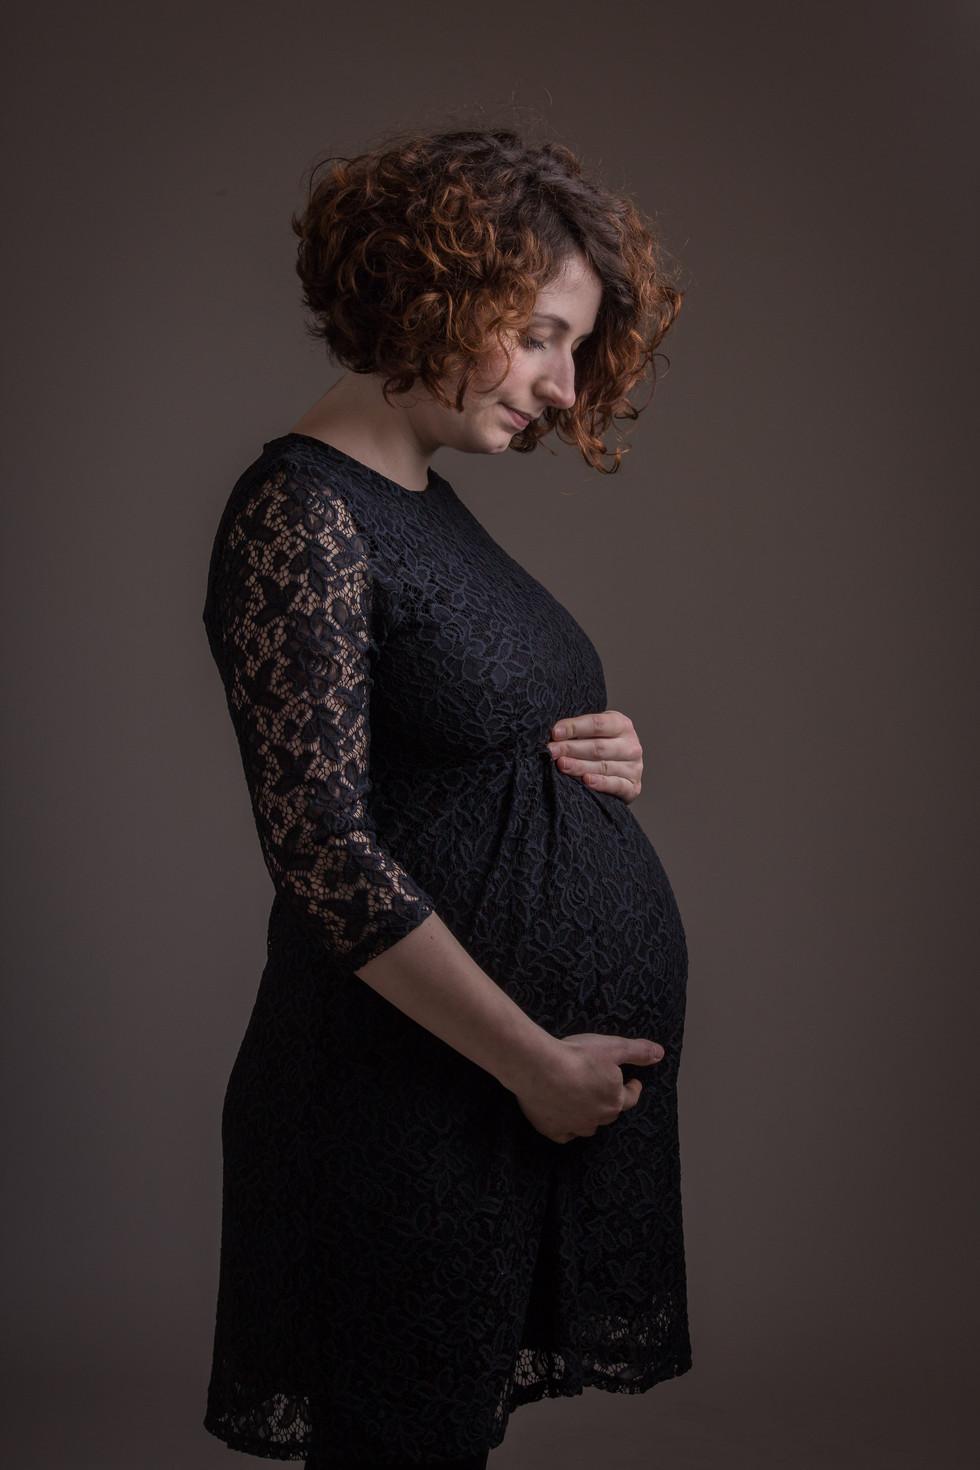 Séance grossesse intime